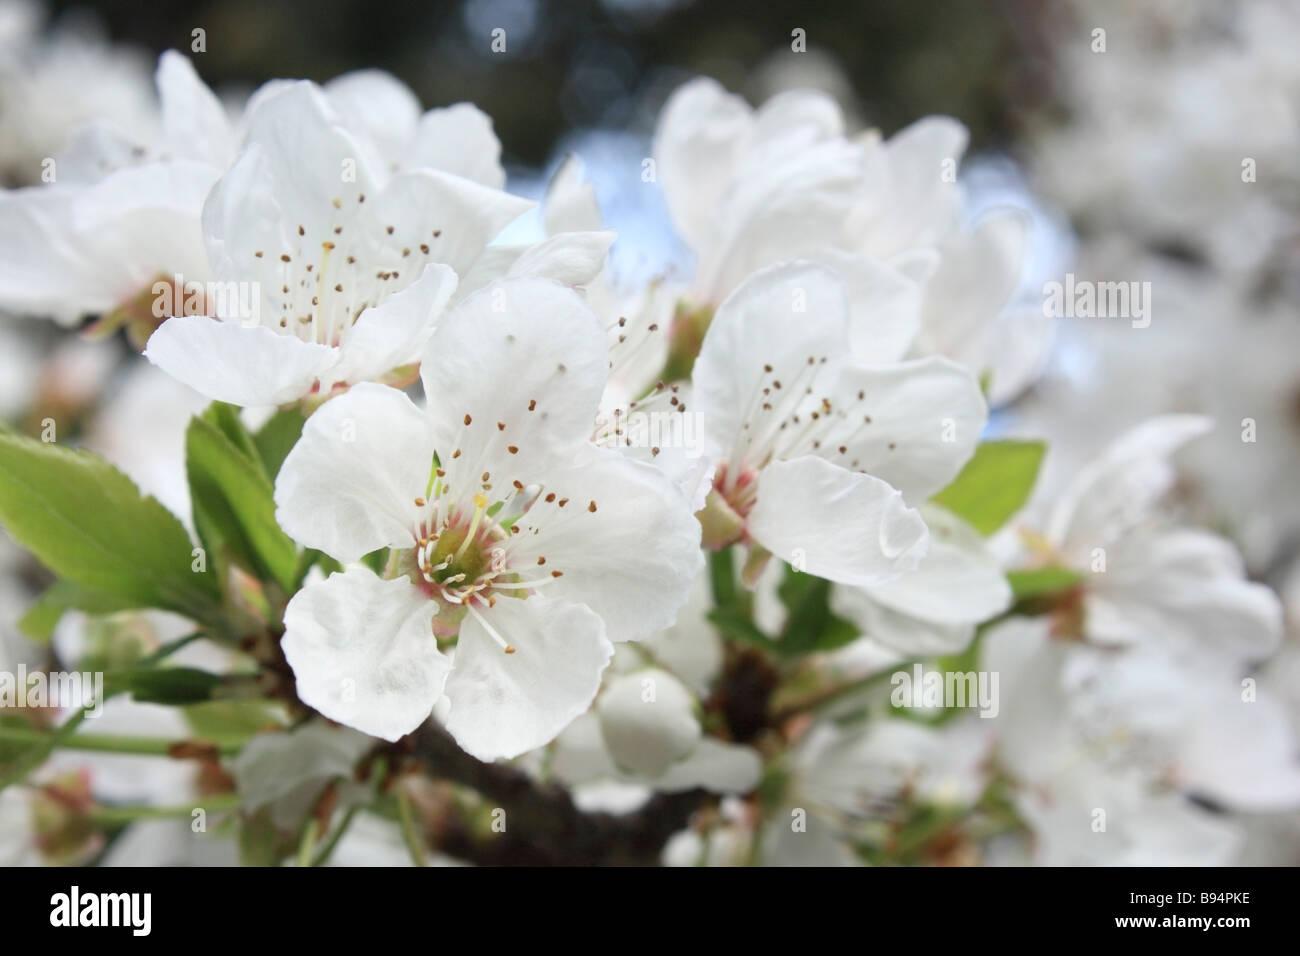 Spring blossom - Stock Image